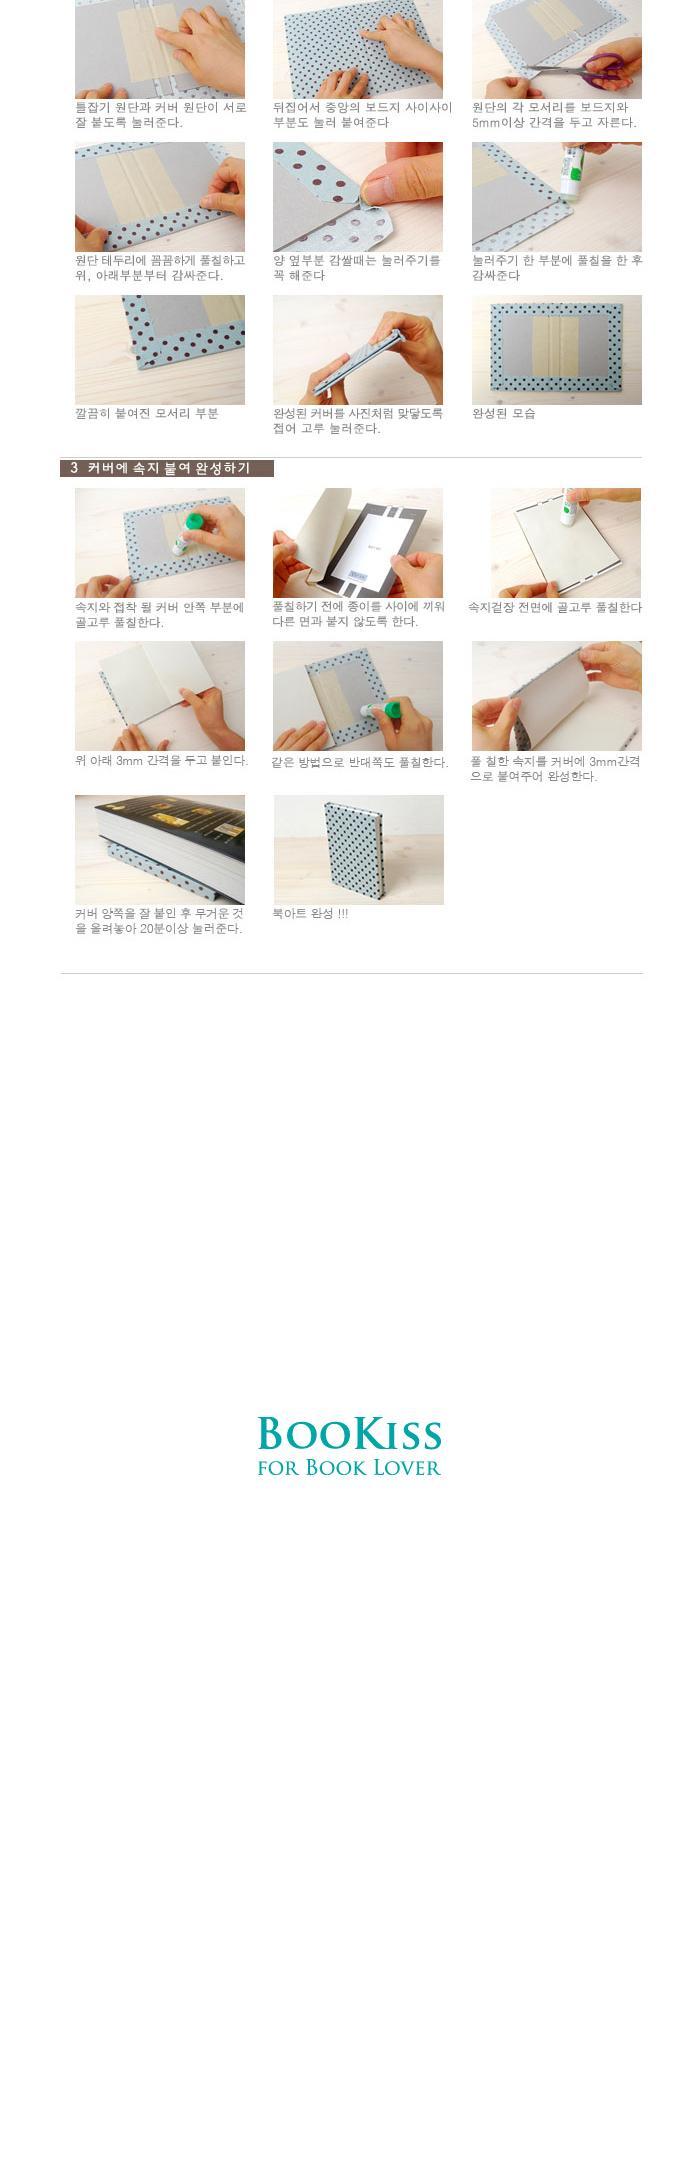 BooKiss 북아트1216-숲 친구들 예쁜다이어리 디자인다 예쁜다이어리 디자인다이어리 휴대용다이어리 학생다이어리 다이어리만들기